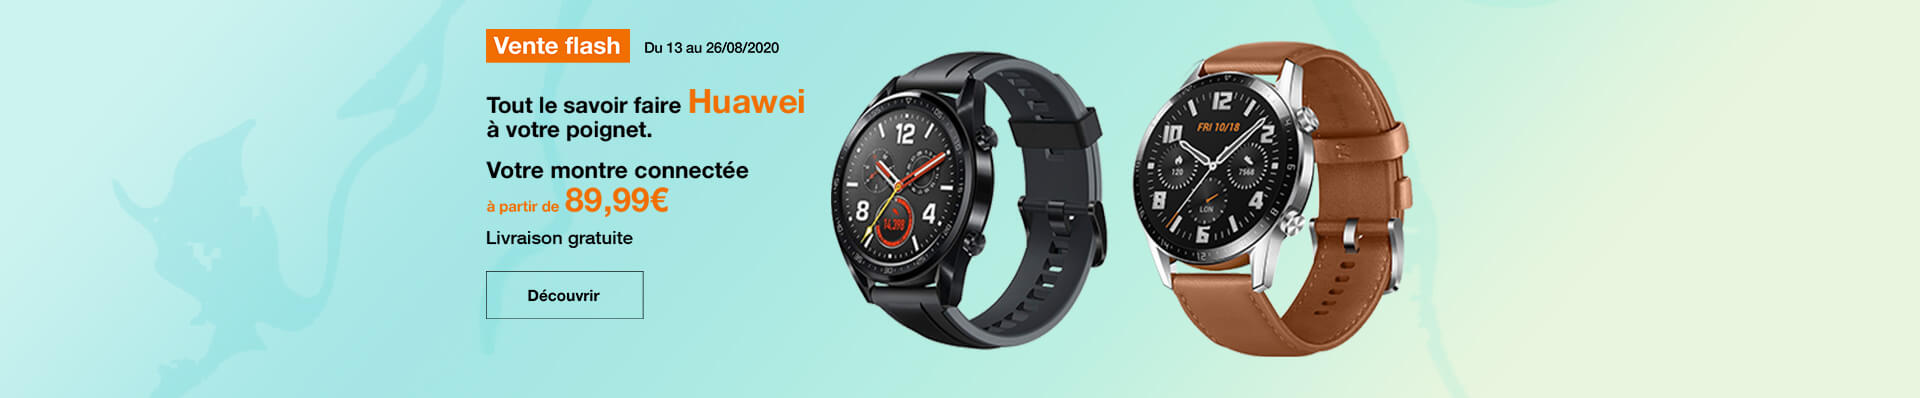 vente flash montres connectées